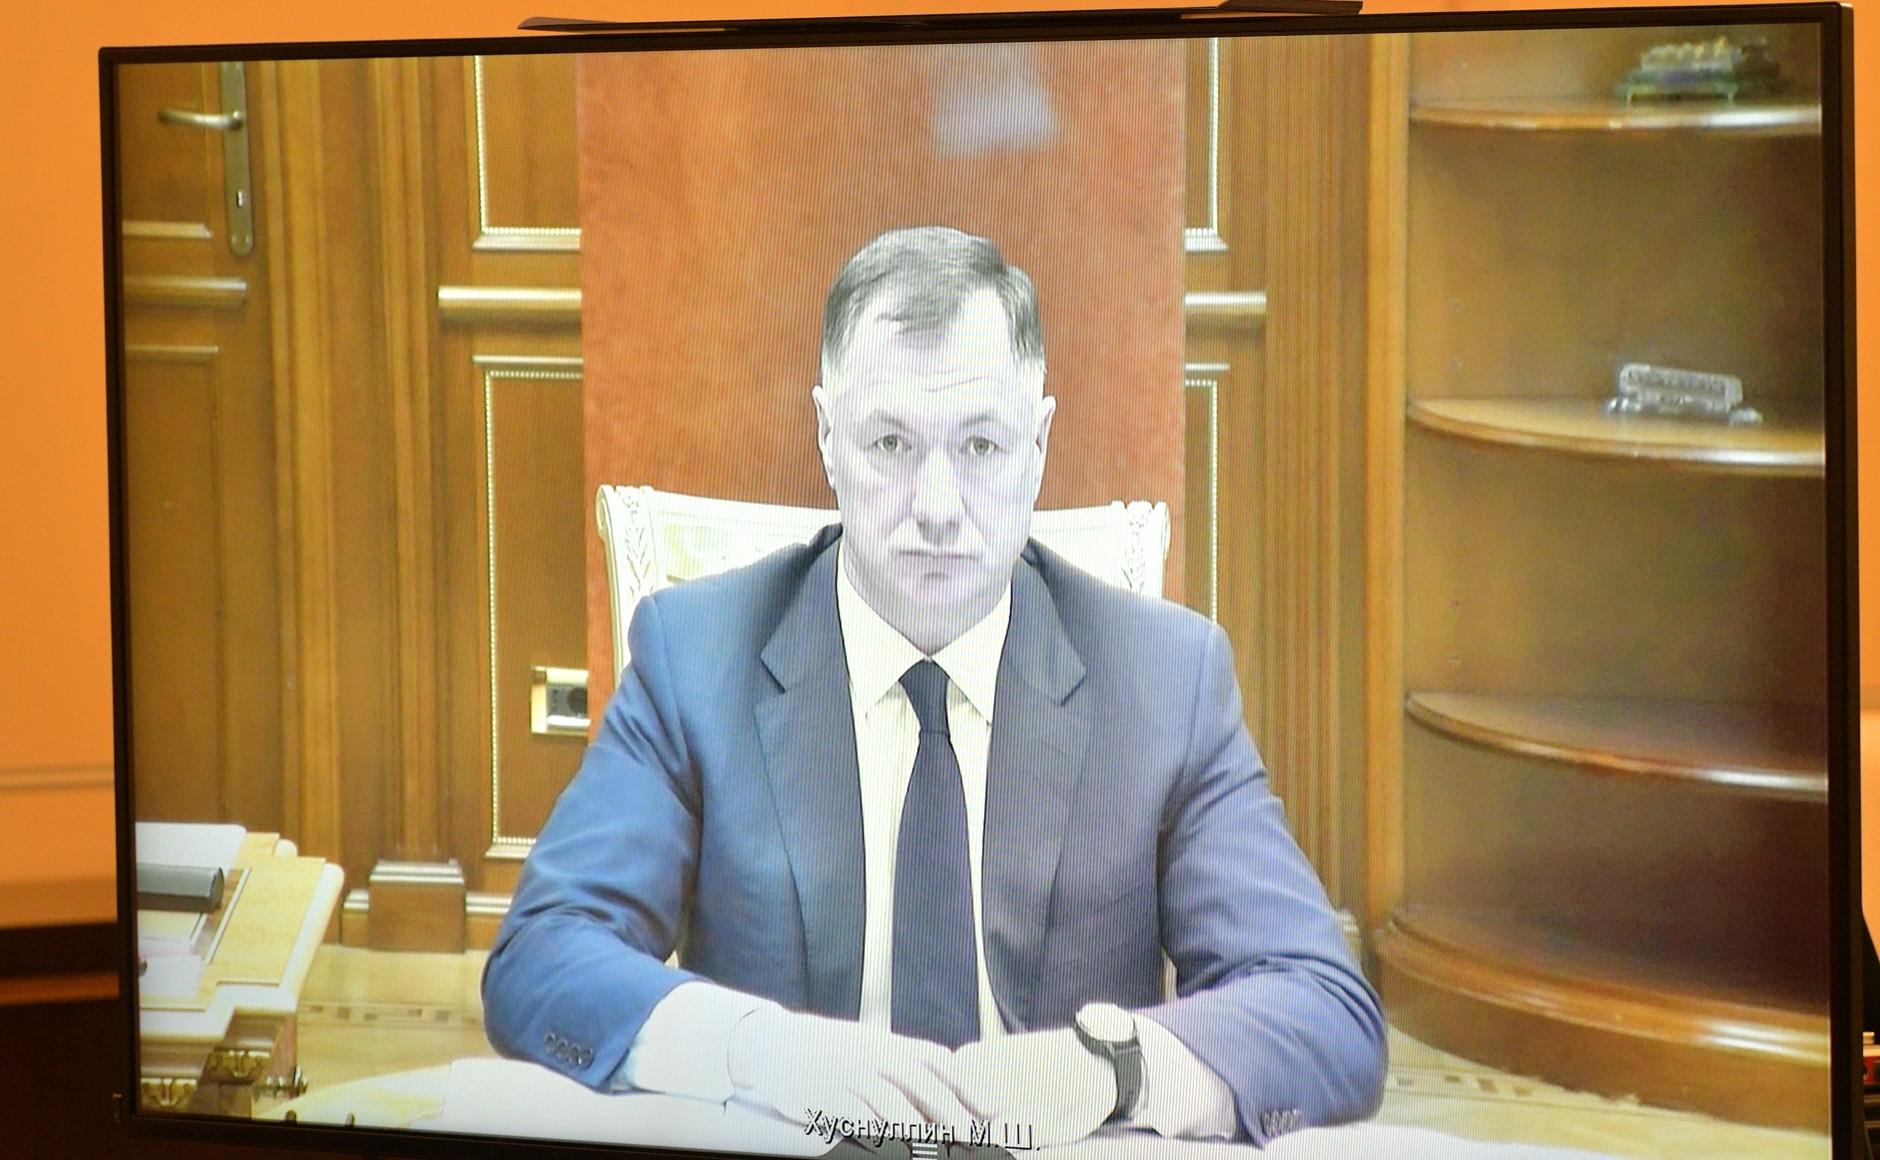 KREMLIN PH 2 X 3 DU 21.10.2020. Réunion de travail avec la vice-première ministre Marat Khusnullin (par vidéoconférence).